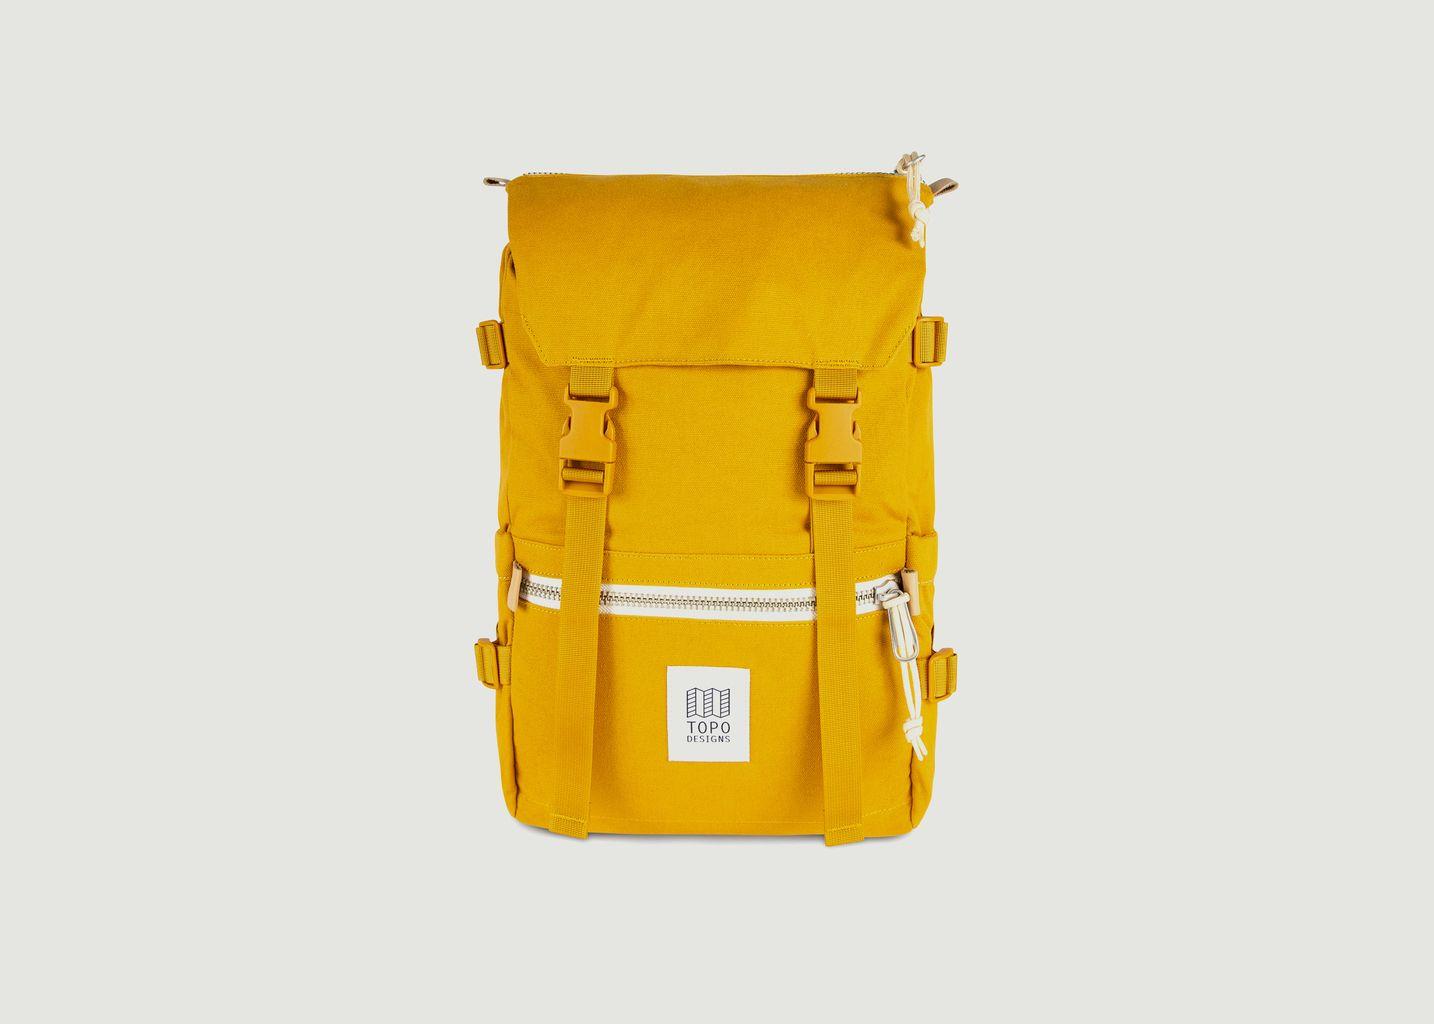 Sac à dos Rover pack - Topo Designs